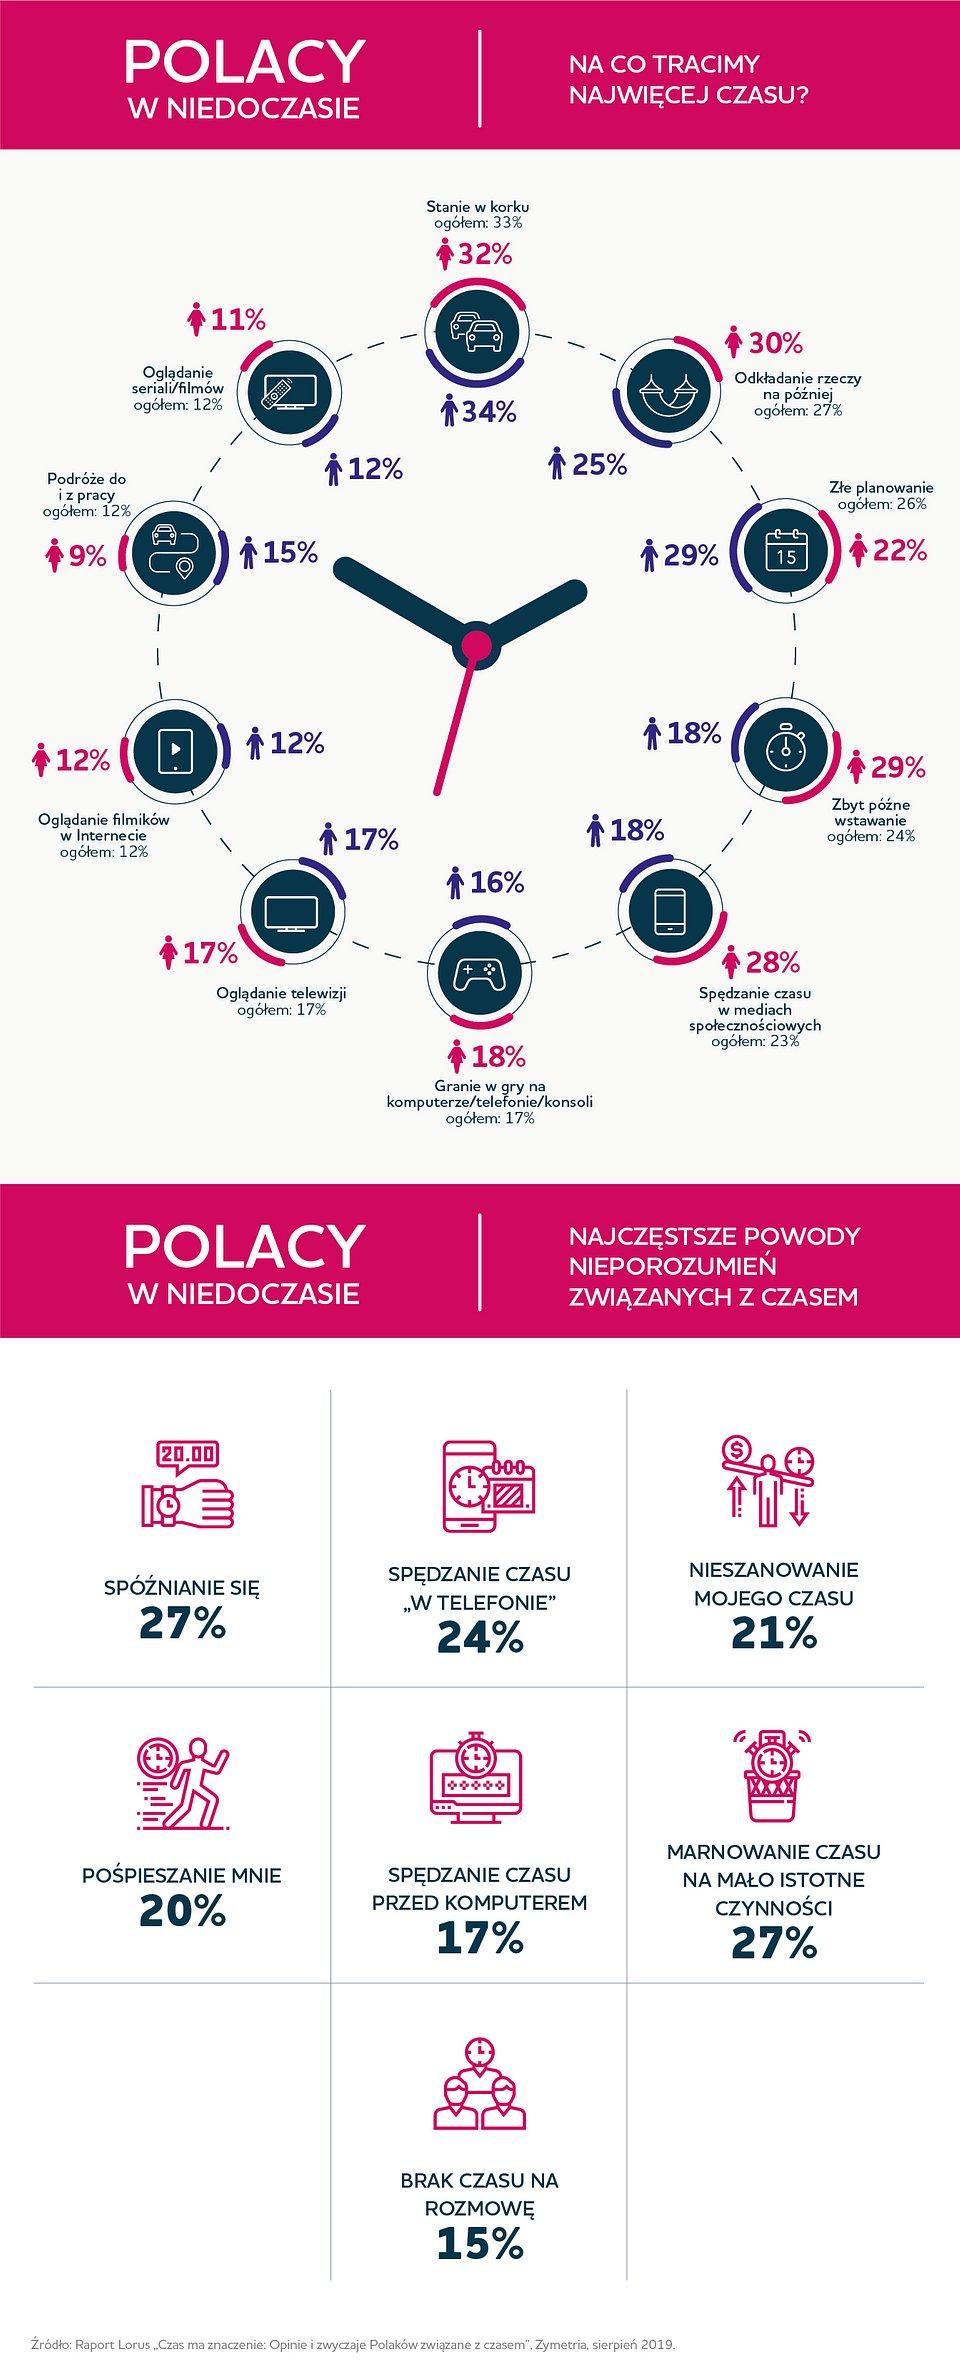 Lorus_Polacy w niedoczasie_infografika.jpg